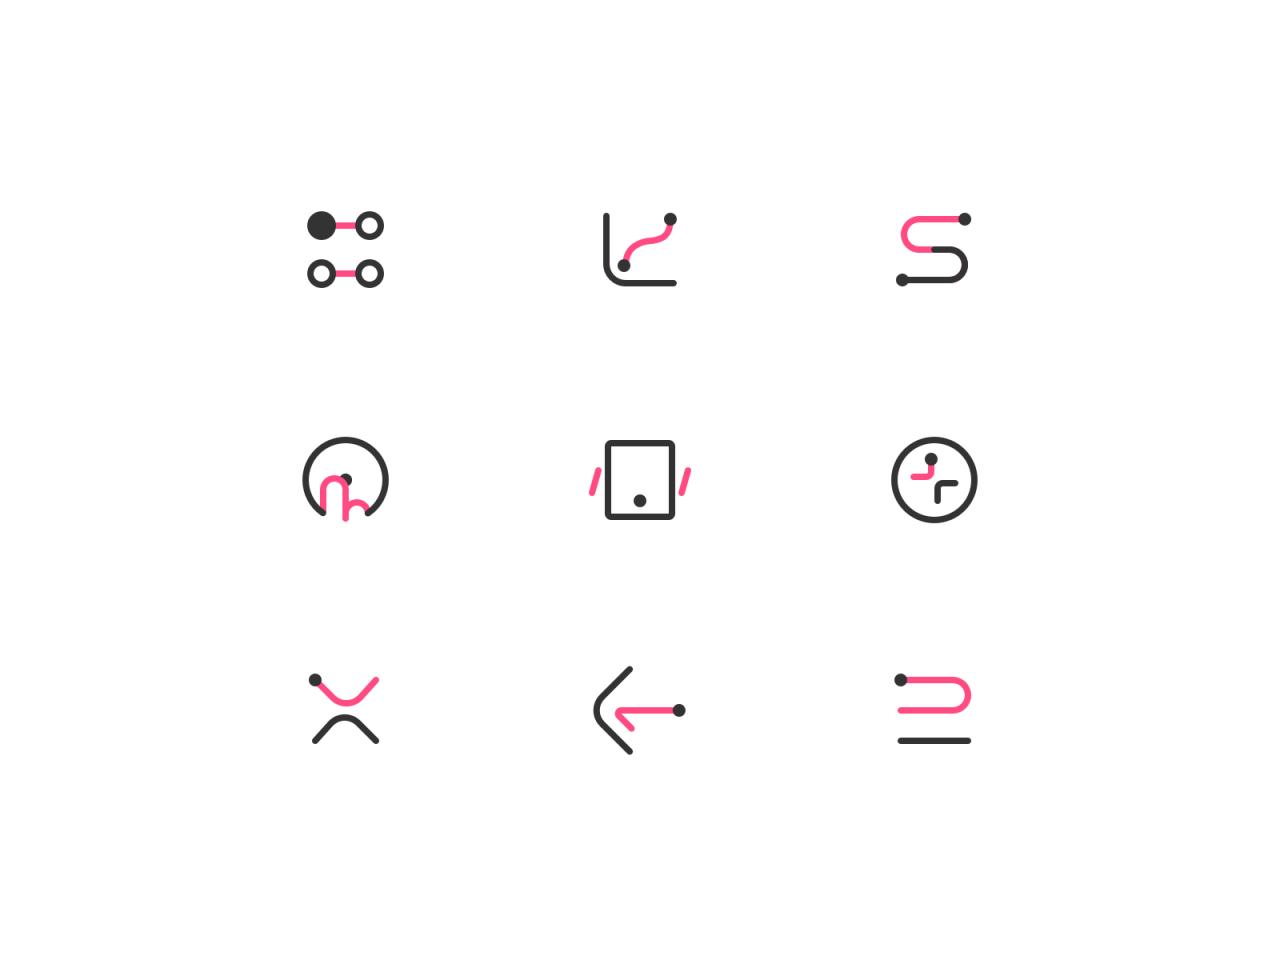 projektowanie ikon nowoczesnych